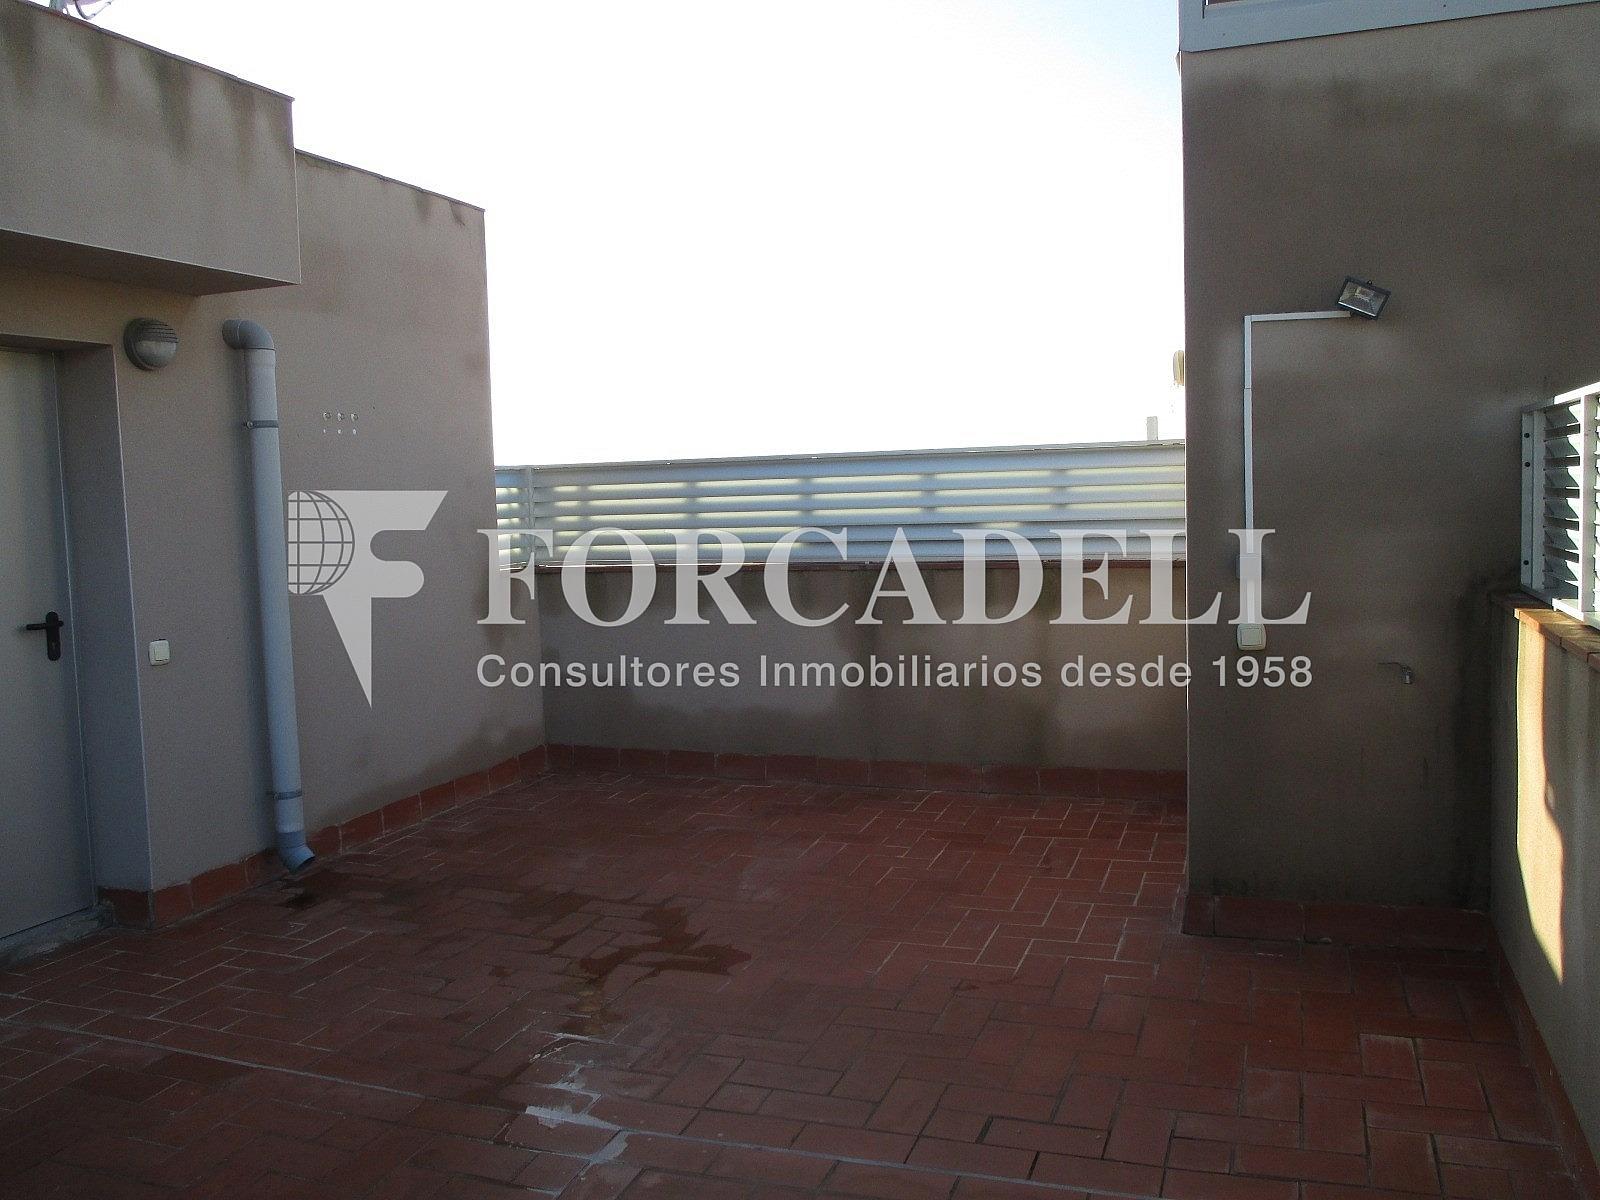 IMG_2695 - Piso en alquiler en calle Merce Rodoreda, Can clota en Esplugues de Llobregat - 331432122